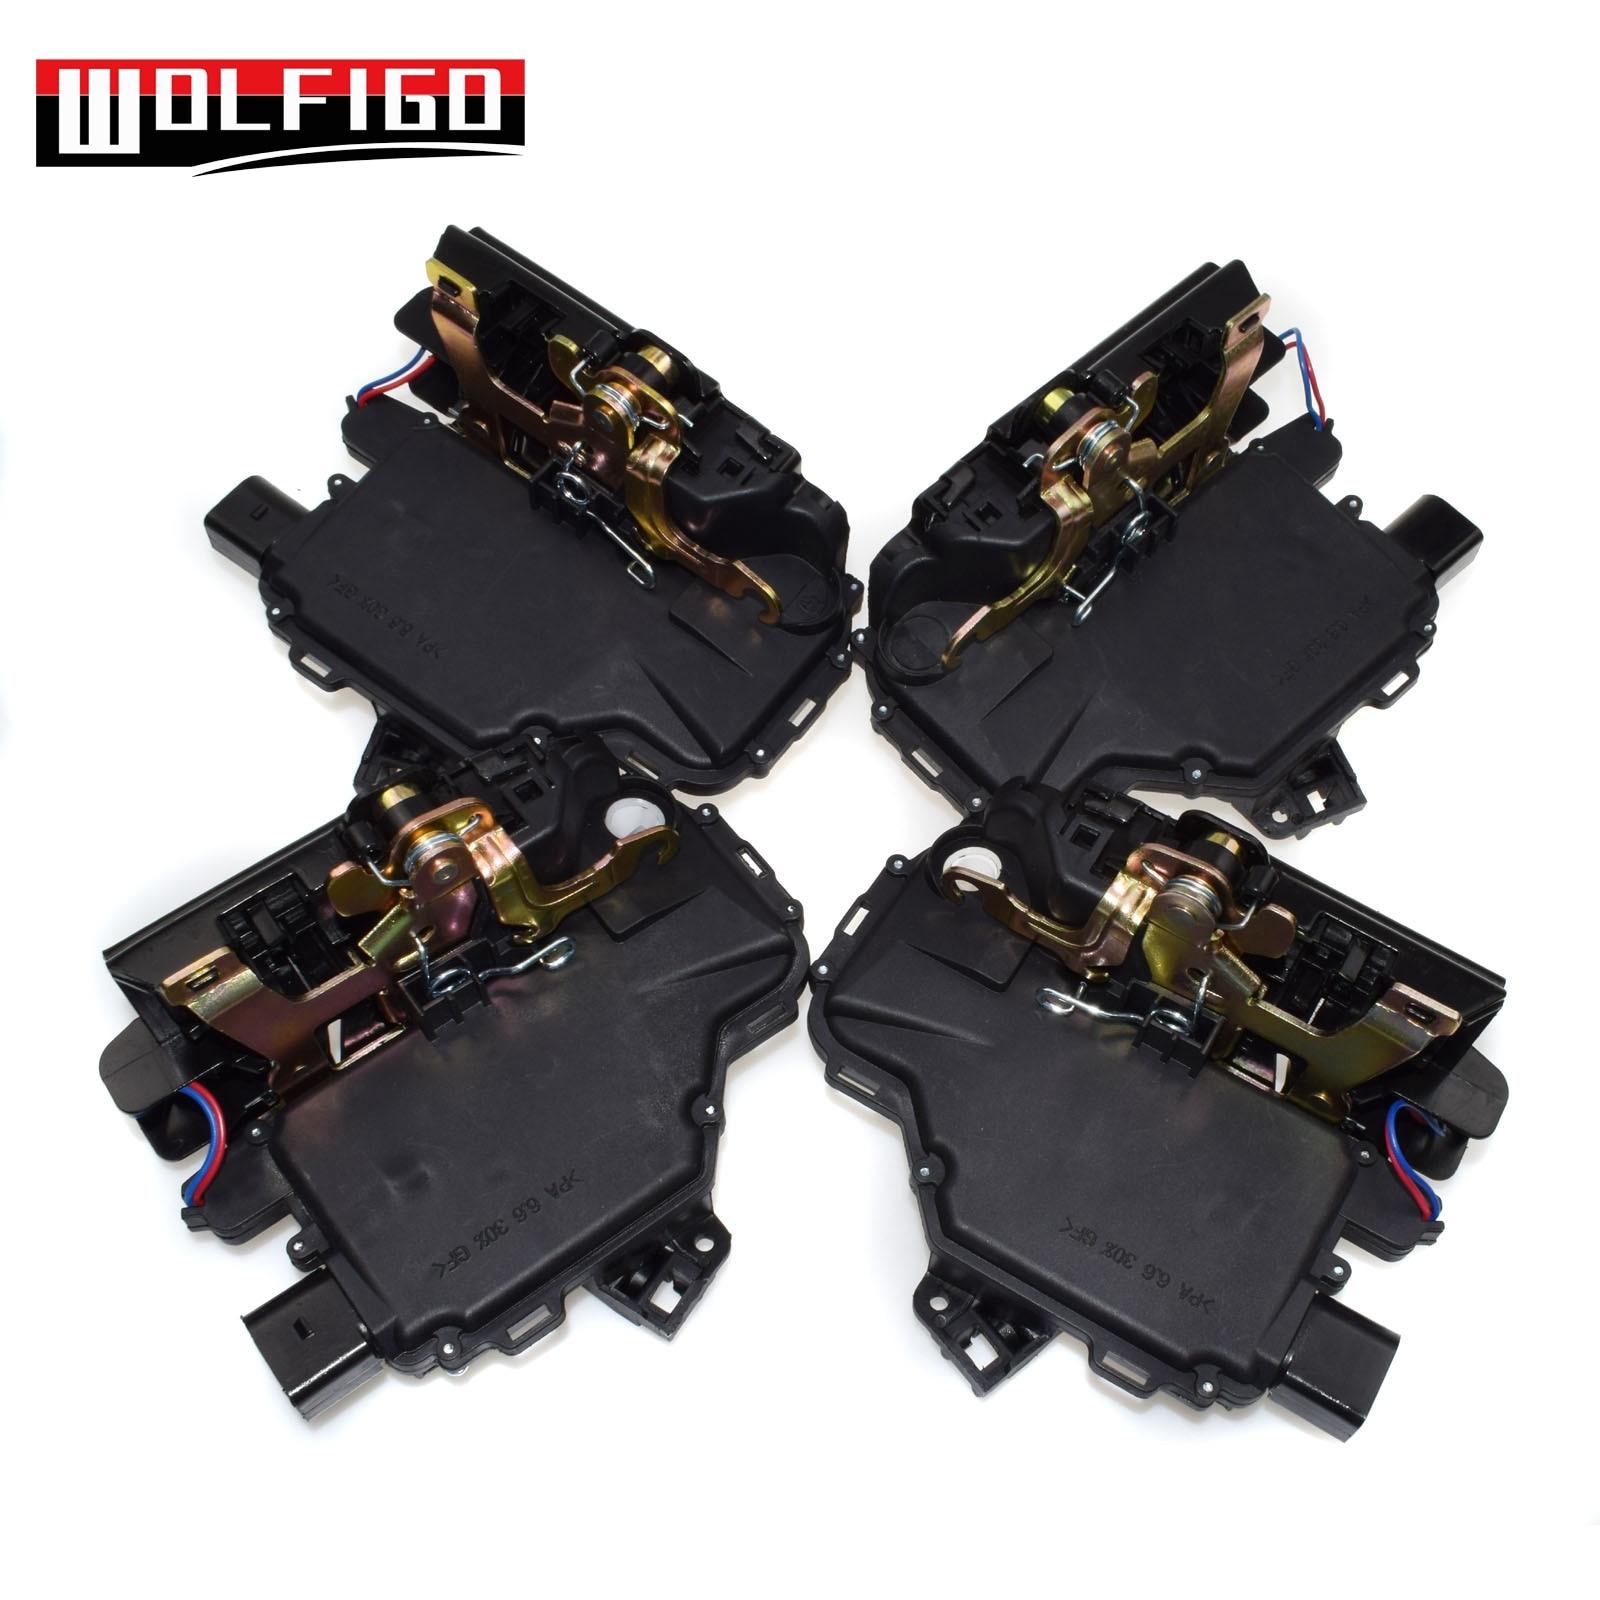 WOLFIGO Door Lock Latch Actuators Front Rear Left Right for Passat B5 Golf MK4 3B1837015A,3B1837016A,3B4839015A,3B4839016A